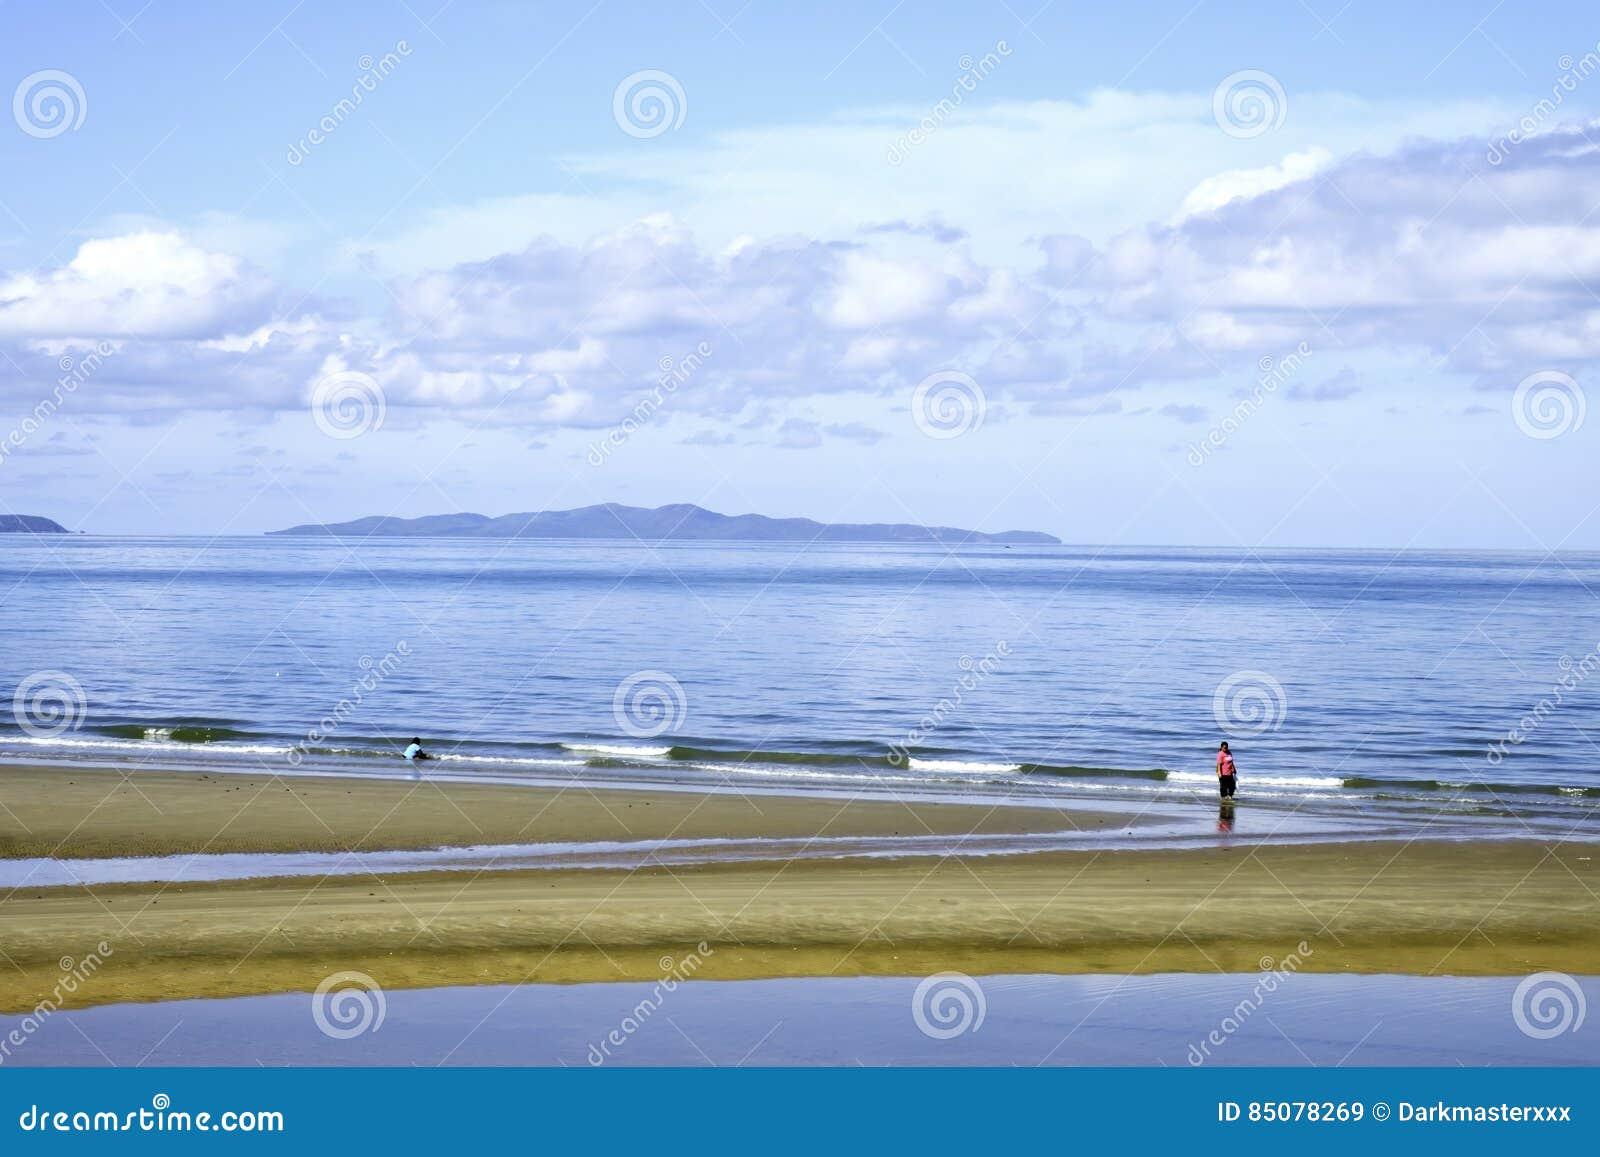 Colour Full Beach  Pattaya Chonburi Thailand  With Blue Sky A L